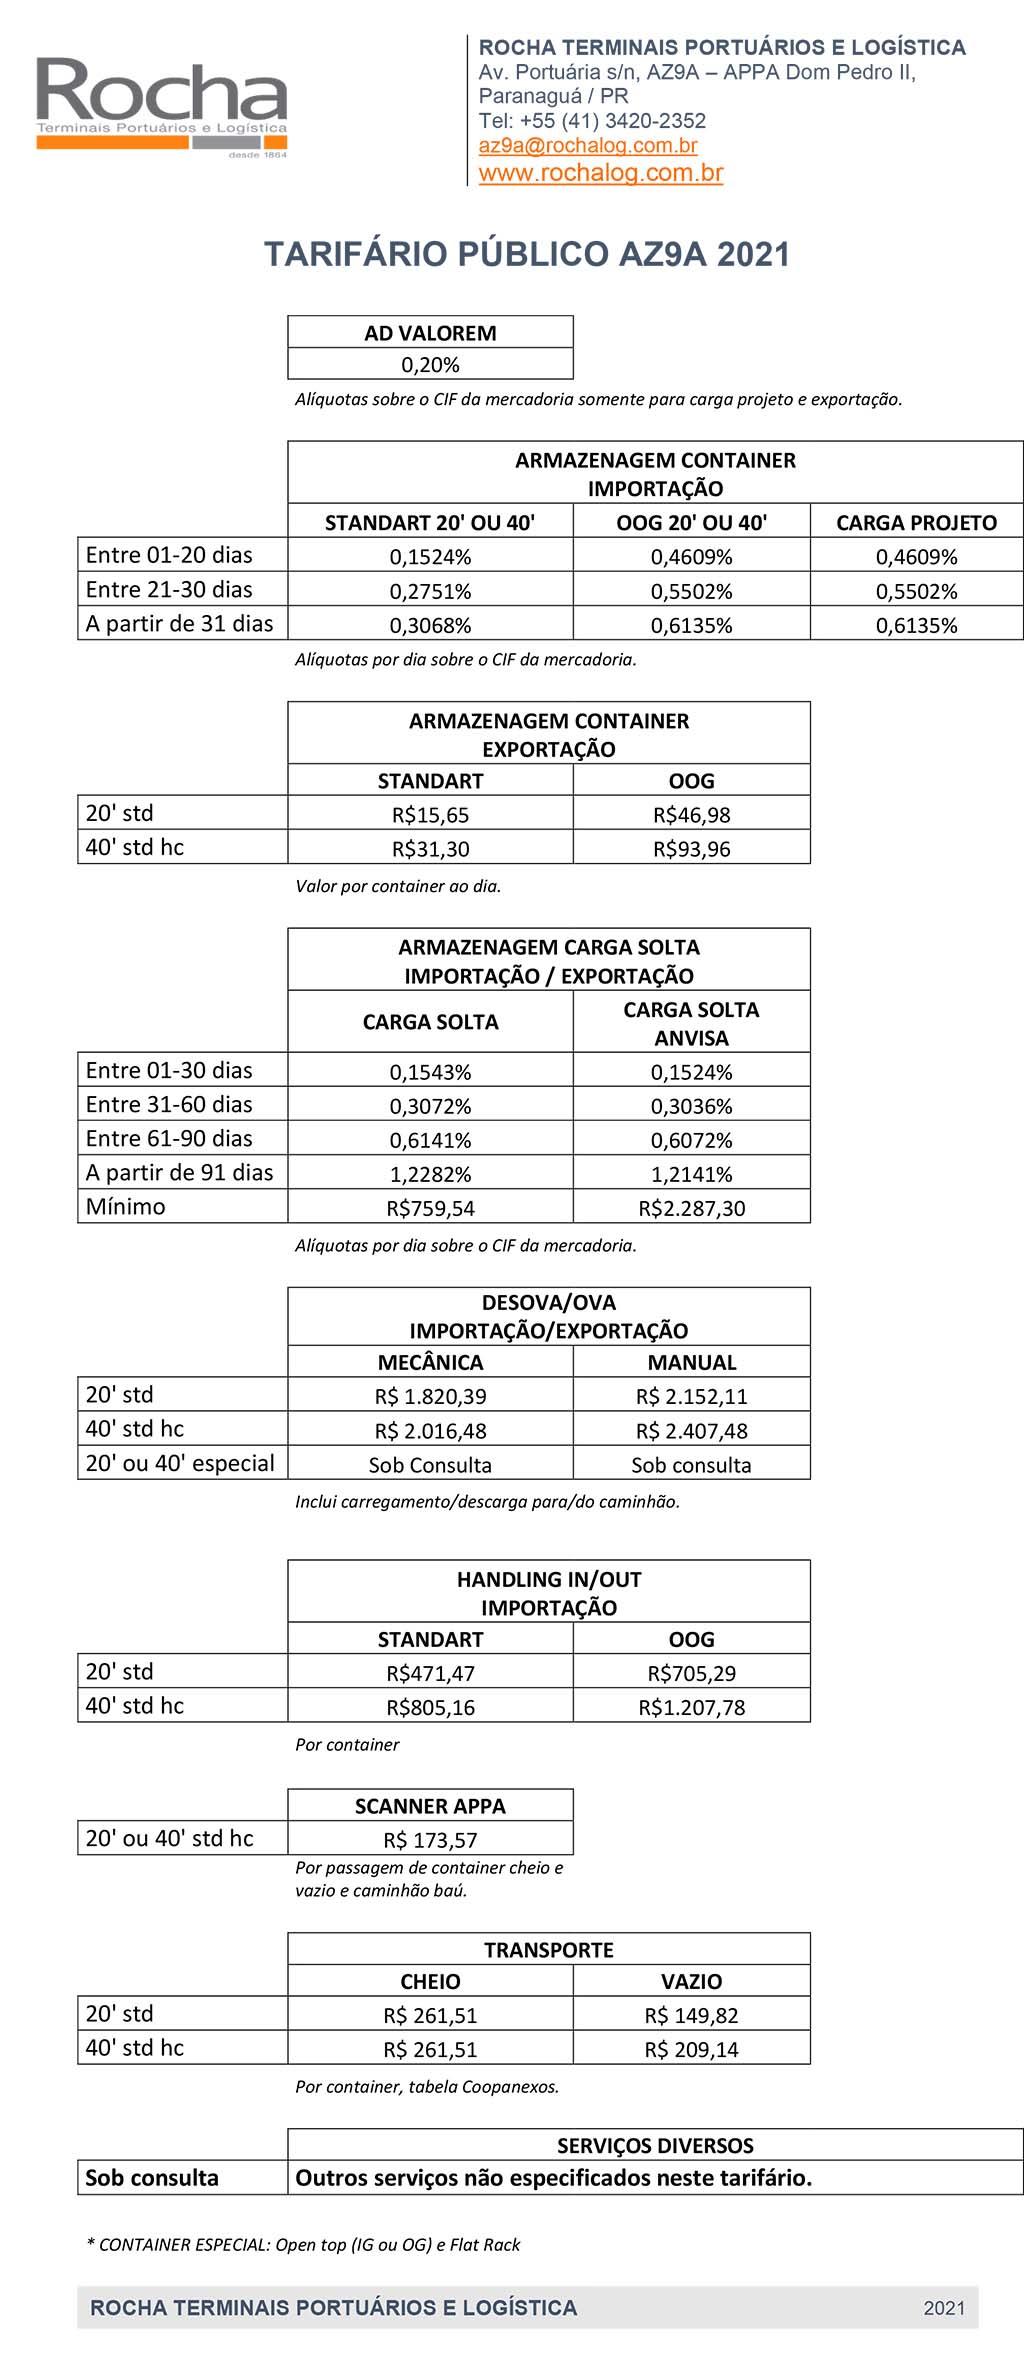 Rocha - AZ9A - Tarifário 2021